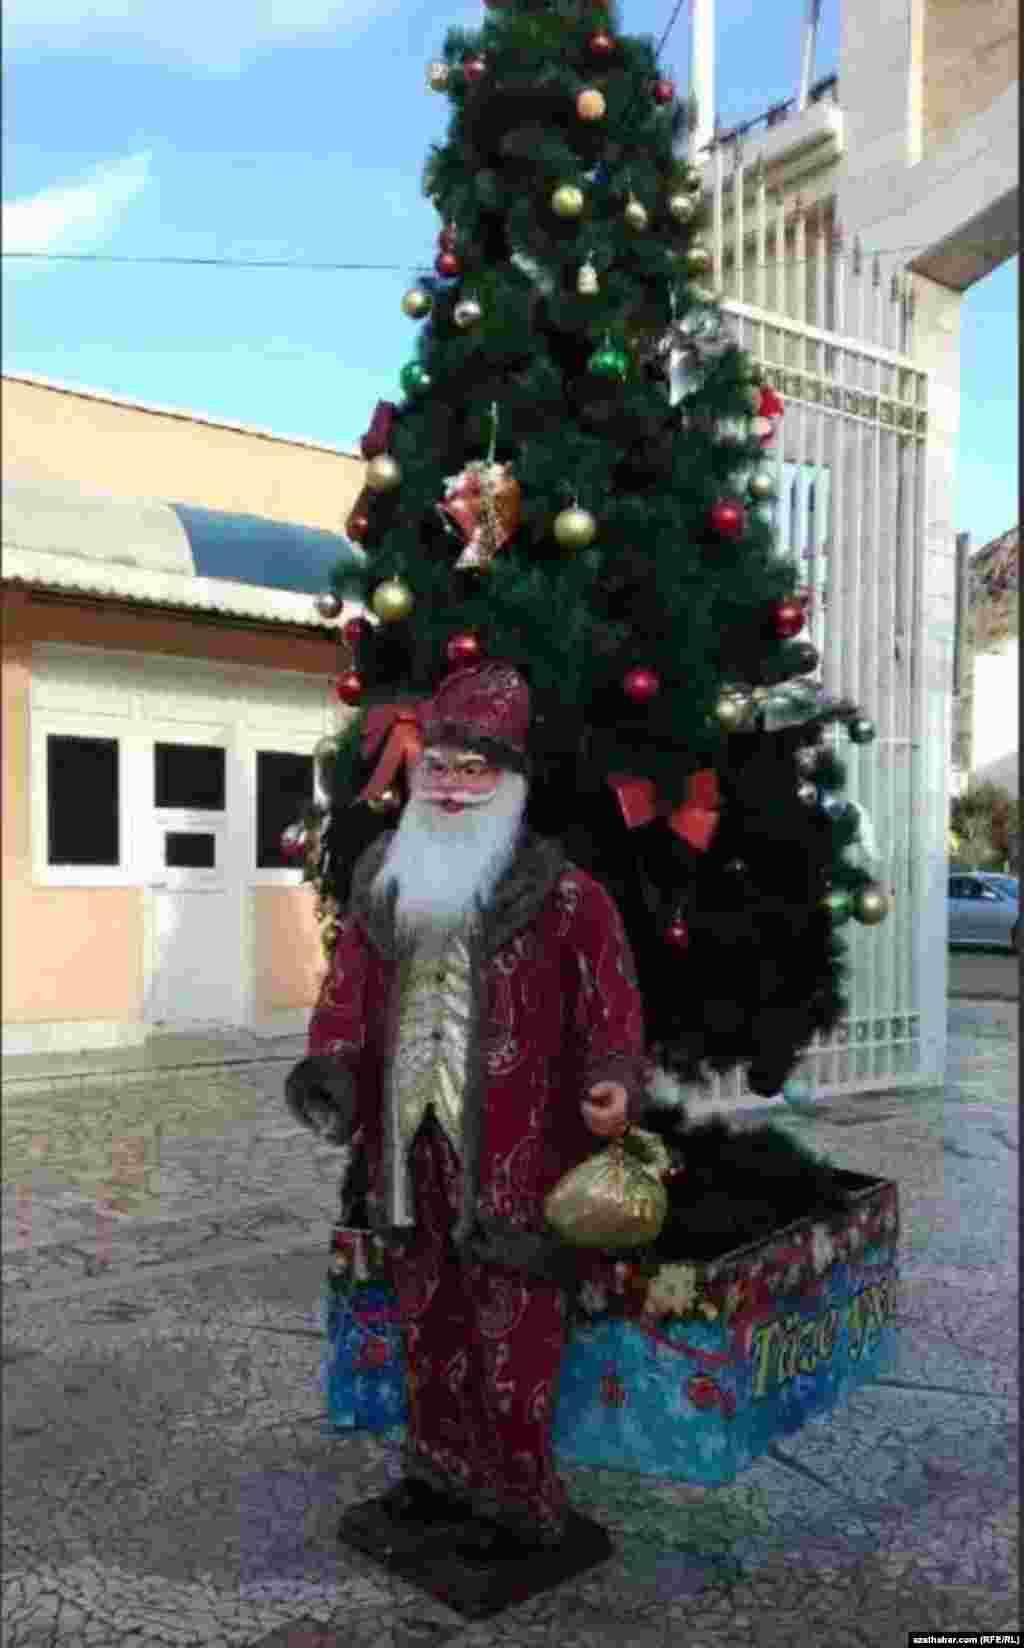 Türkmenbaşy şäherindäki Täze ýyl arçasy we Santa Klaus.